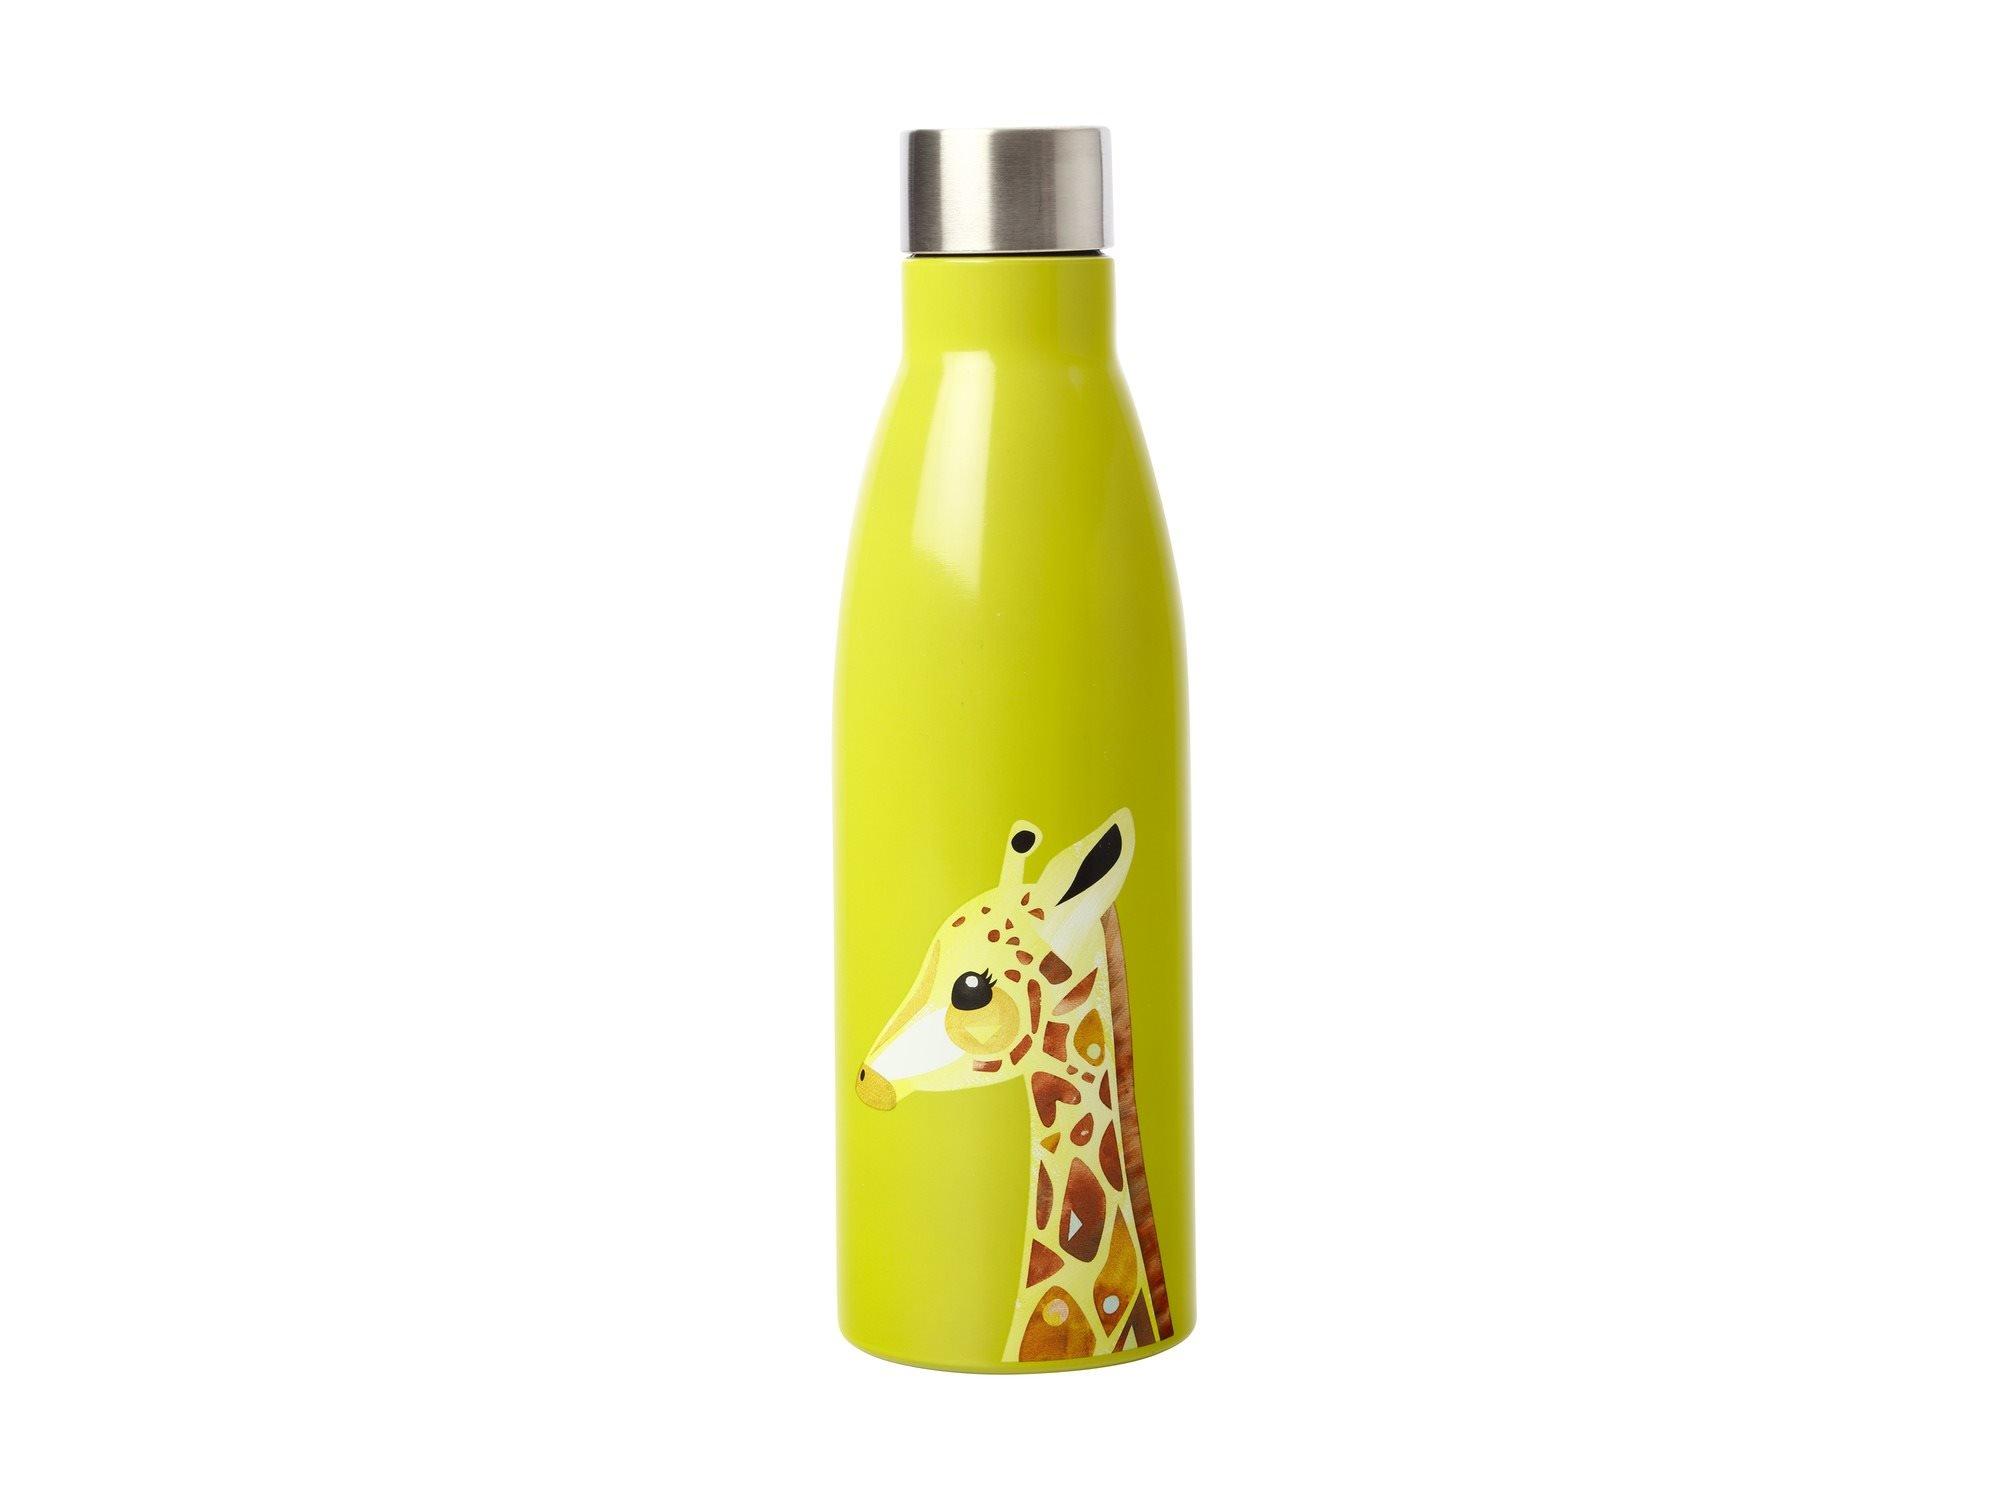 Maxwell & Williams Ανοξείδωτο Θερμομονωτικό Μπουκάλι Pete Cromer Giraffe 500ml